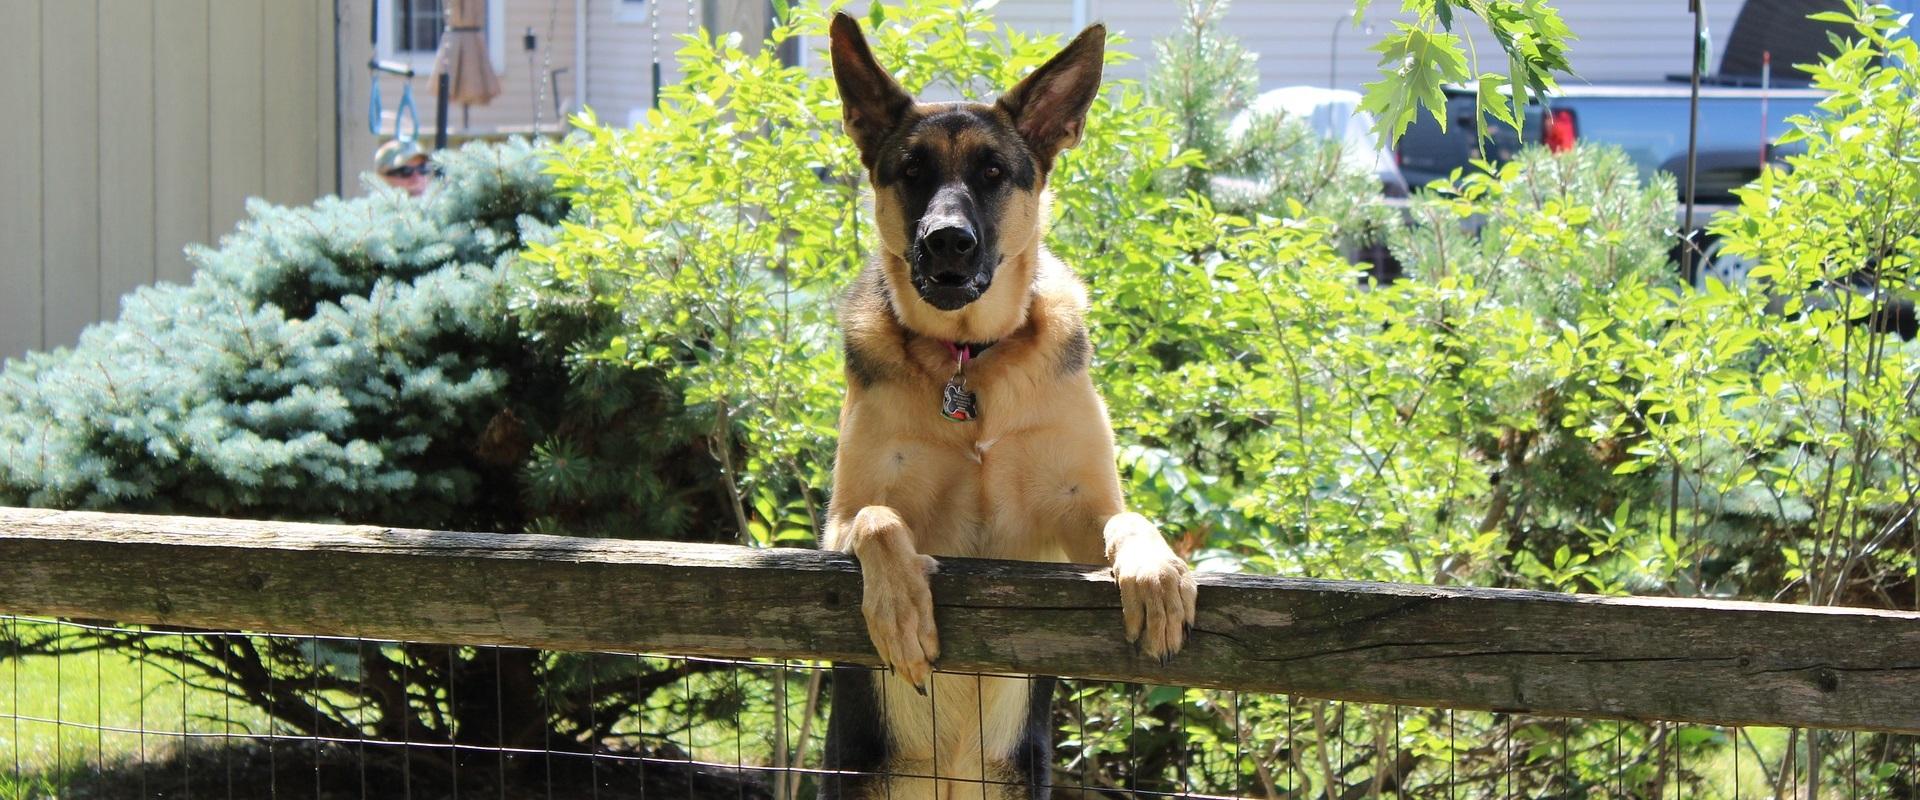 Gedragstherapie-training | Hondenschool Zuid-West - Al ruim 25 jaar de hondentrainer | Roosendaal, Oud Gastel, Steenbergen, Zevenbergen, Oudenbosch, Standaardbuiten, Fijnaart